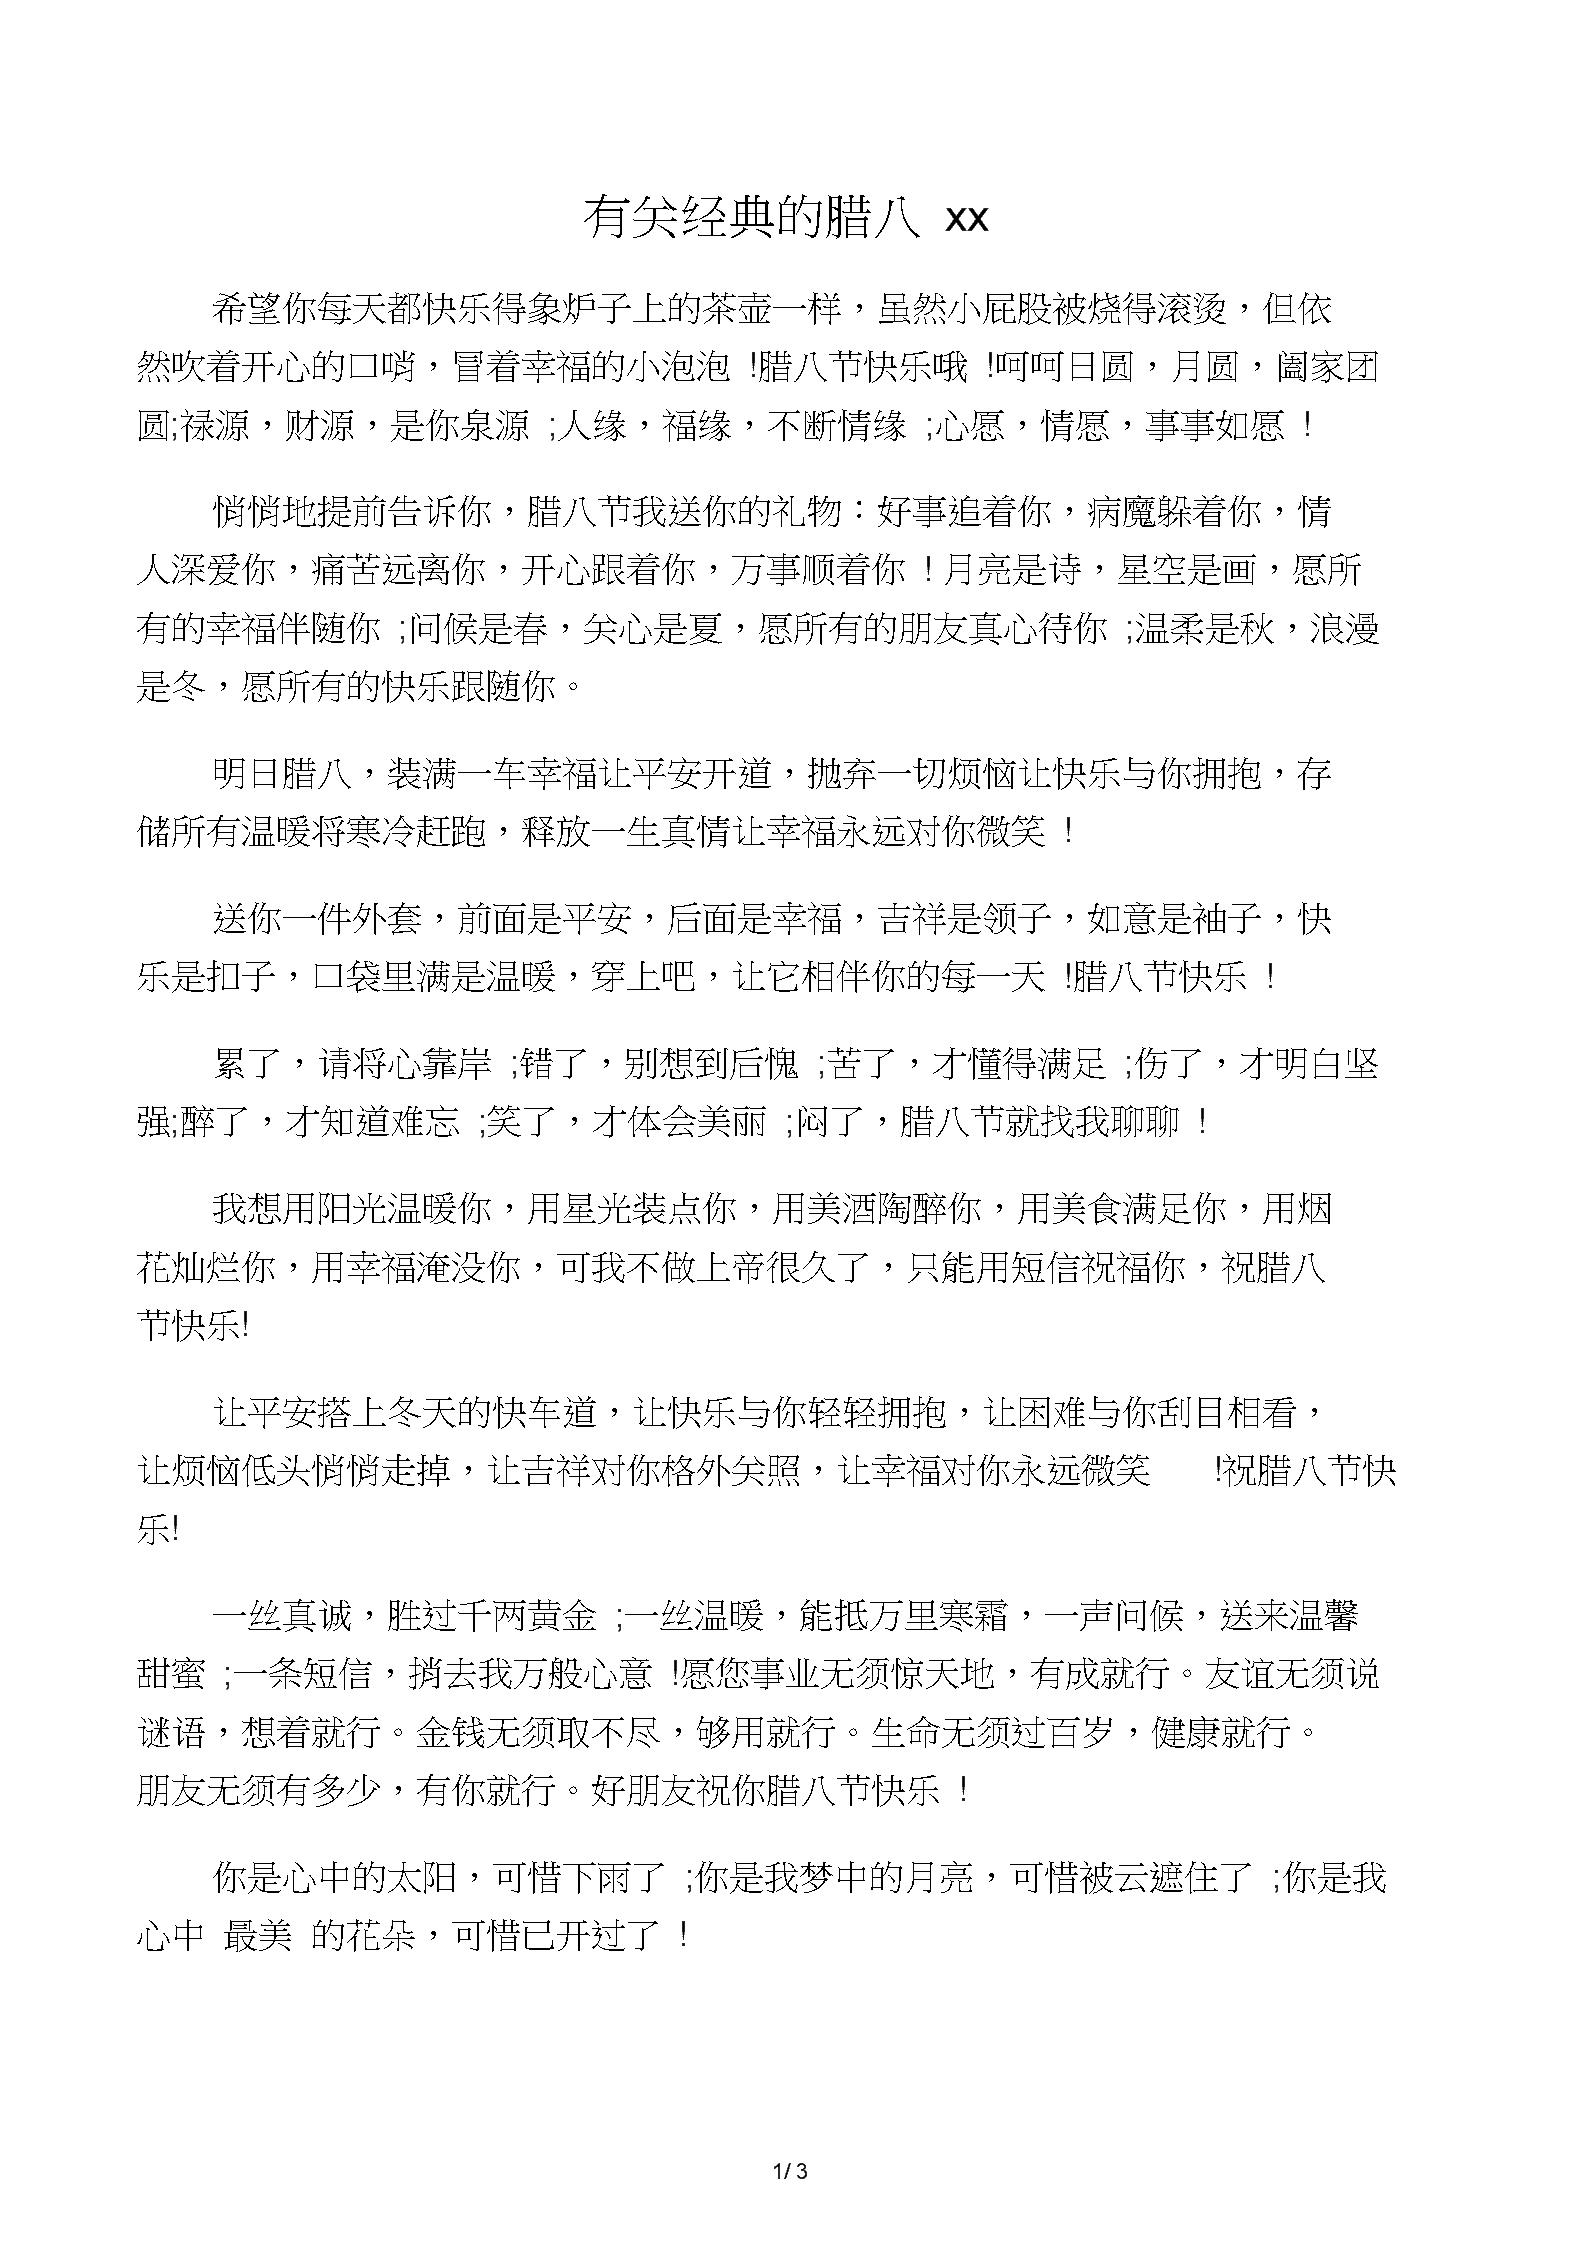 有关经典的腊八祝福语.docx